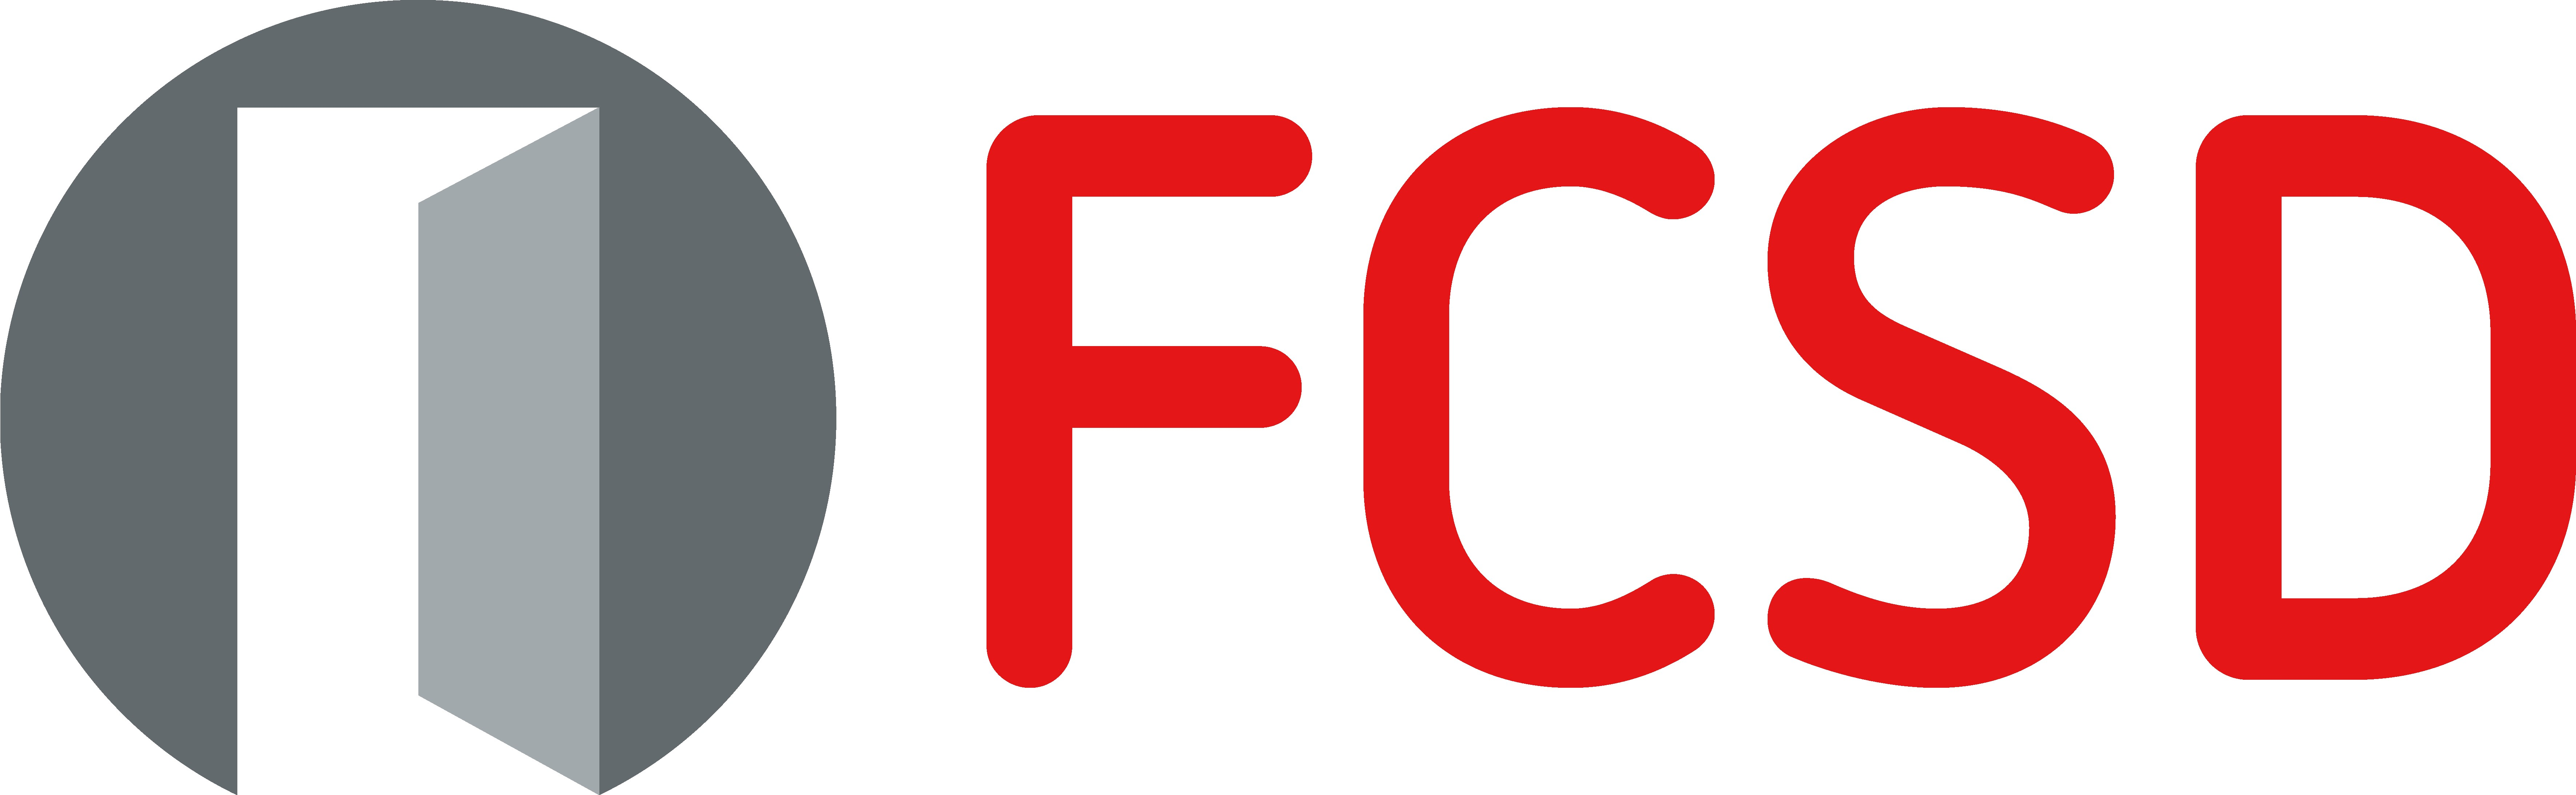 Fédération des Centres de Services à Domicile logo